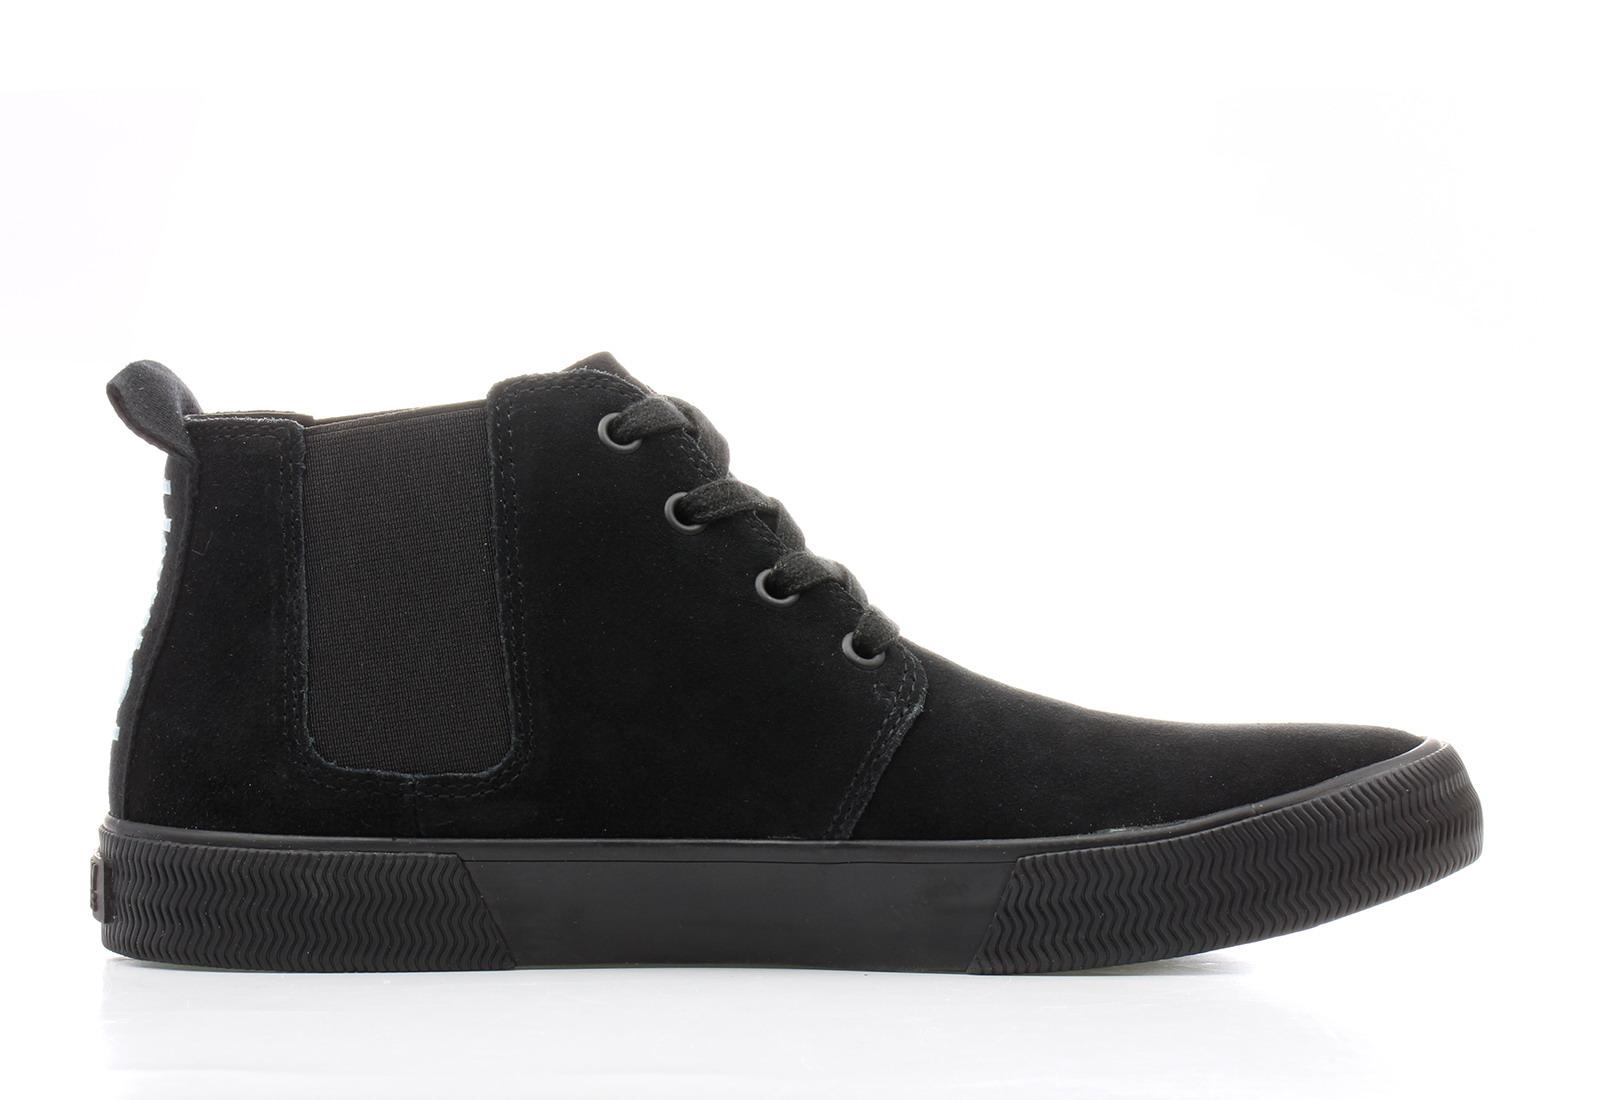 df18f8963c Tommy Hilfiger Cipő - Dale 1b - 18F-0127-990 - Office Shoes Magyarország